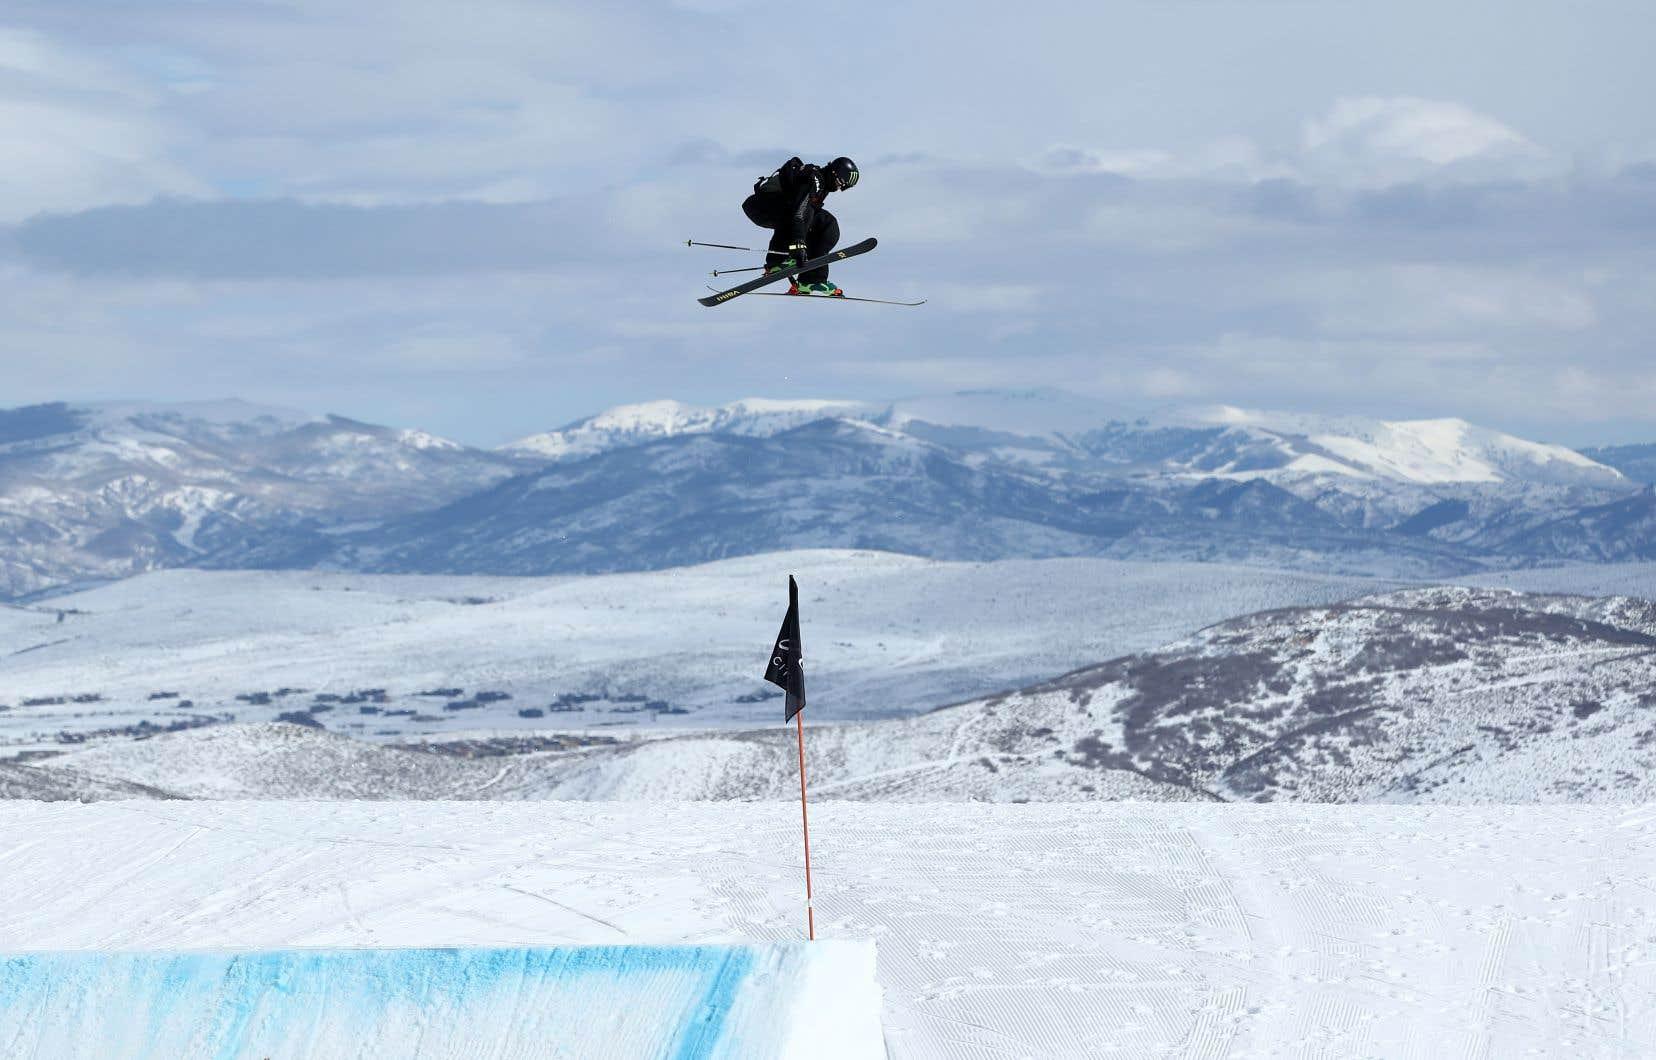 L'hiver dernier, Alex Beaulieu-Marchanda remporté la médaille de bronze en Big Air aux Championnats du monde de Deer Valley, en Utah.